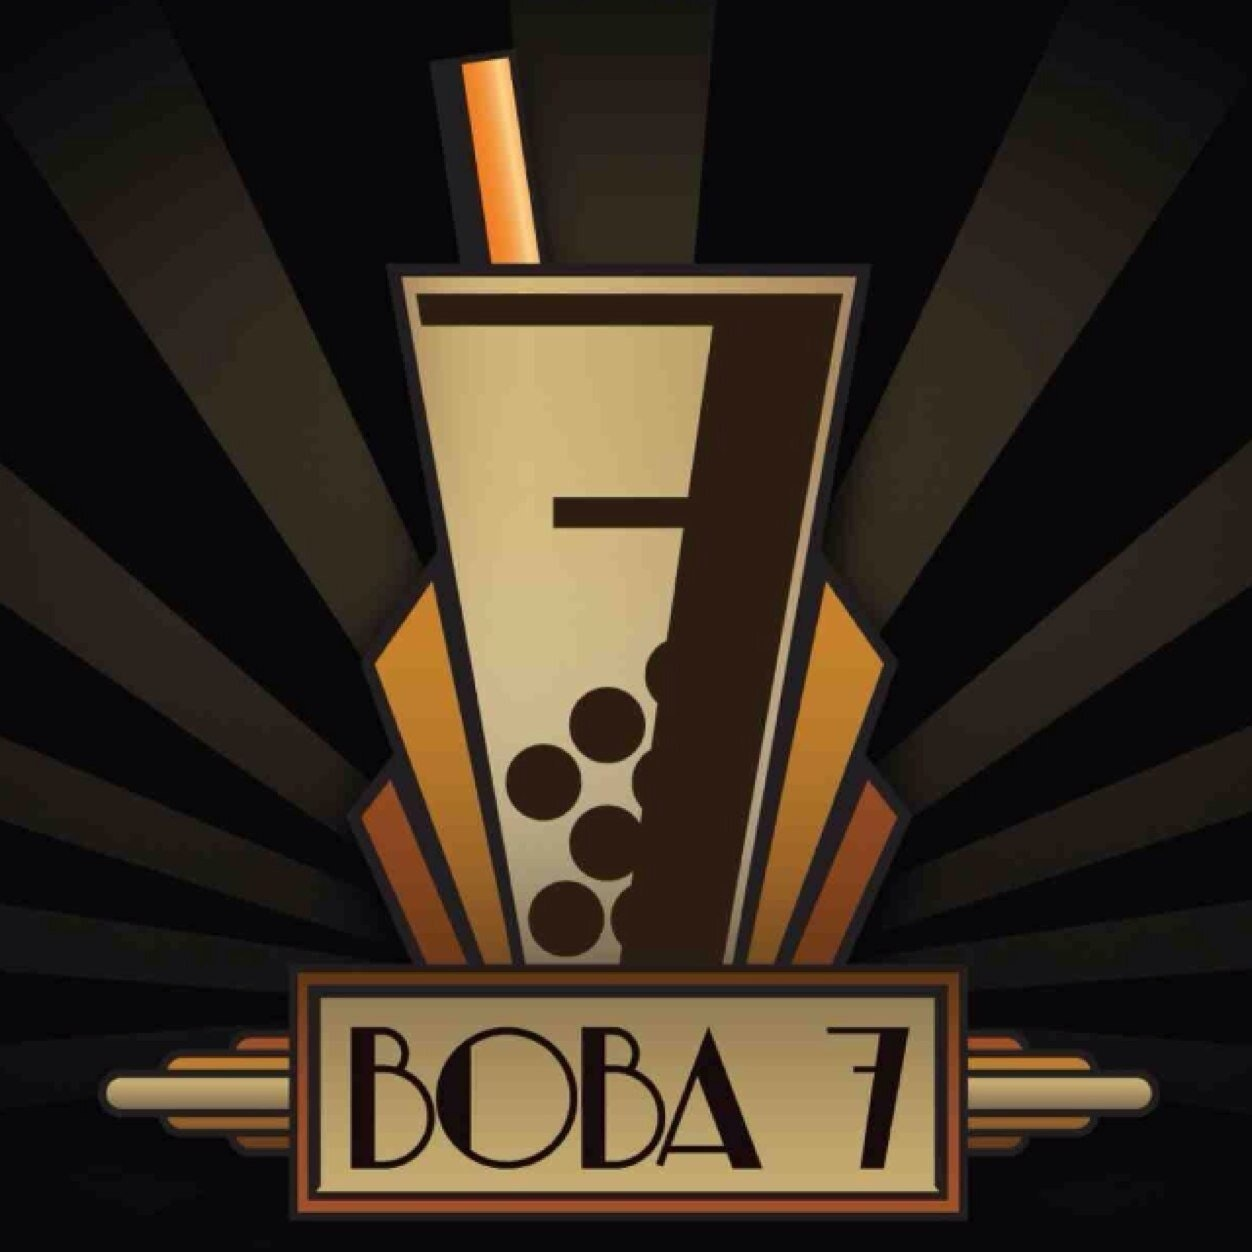 Boba 7